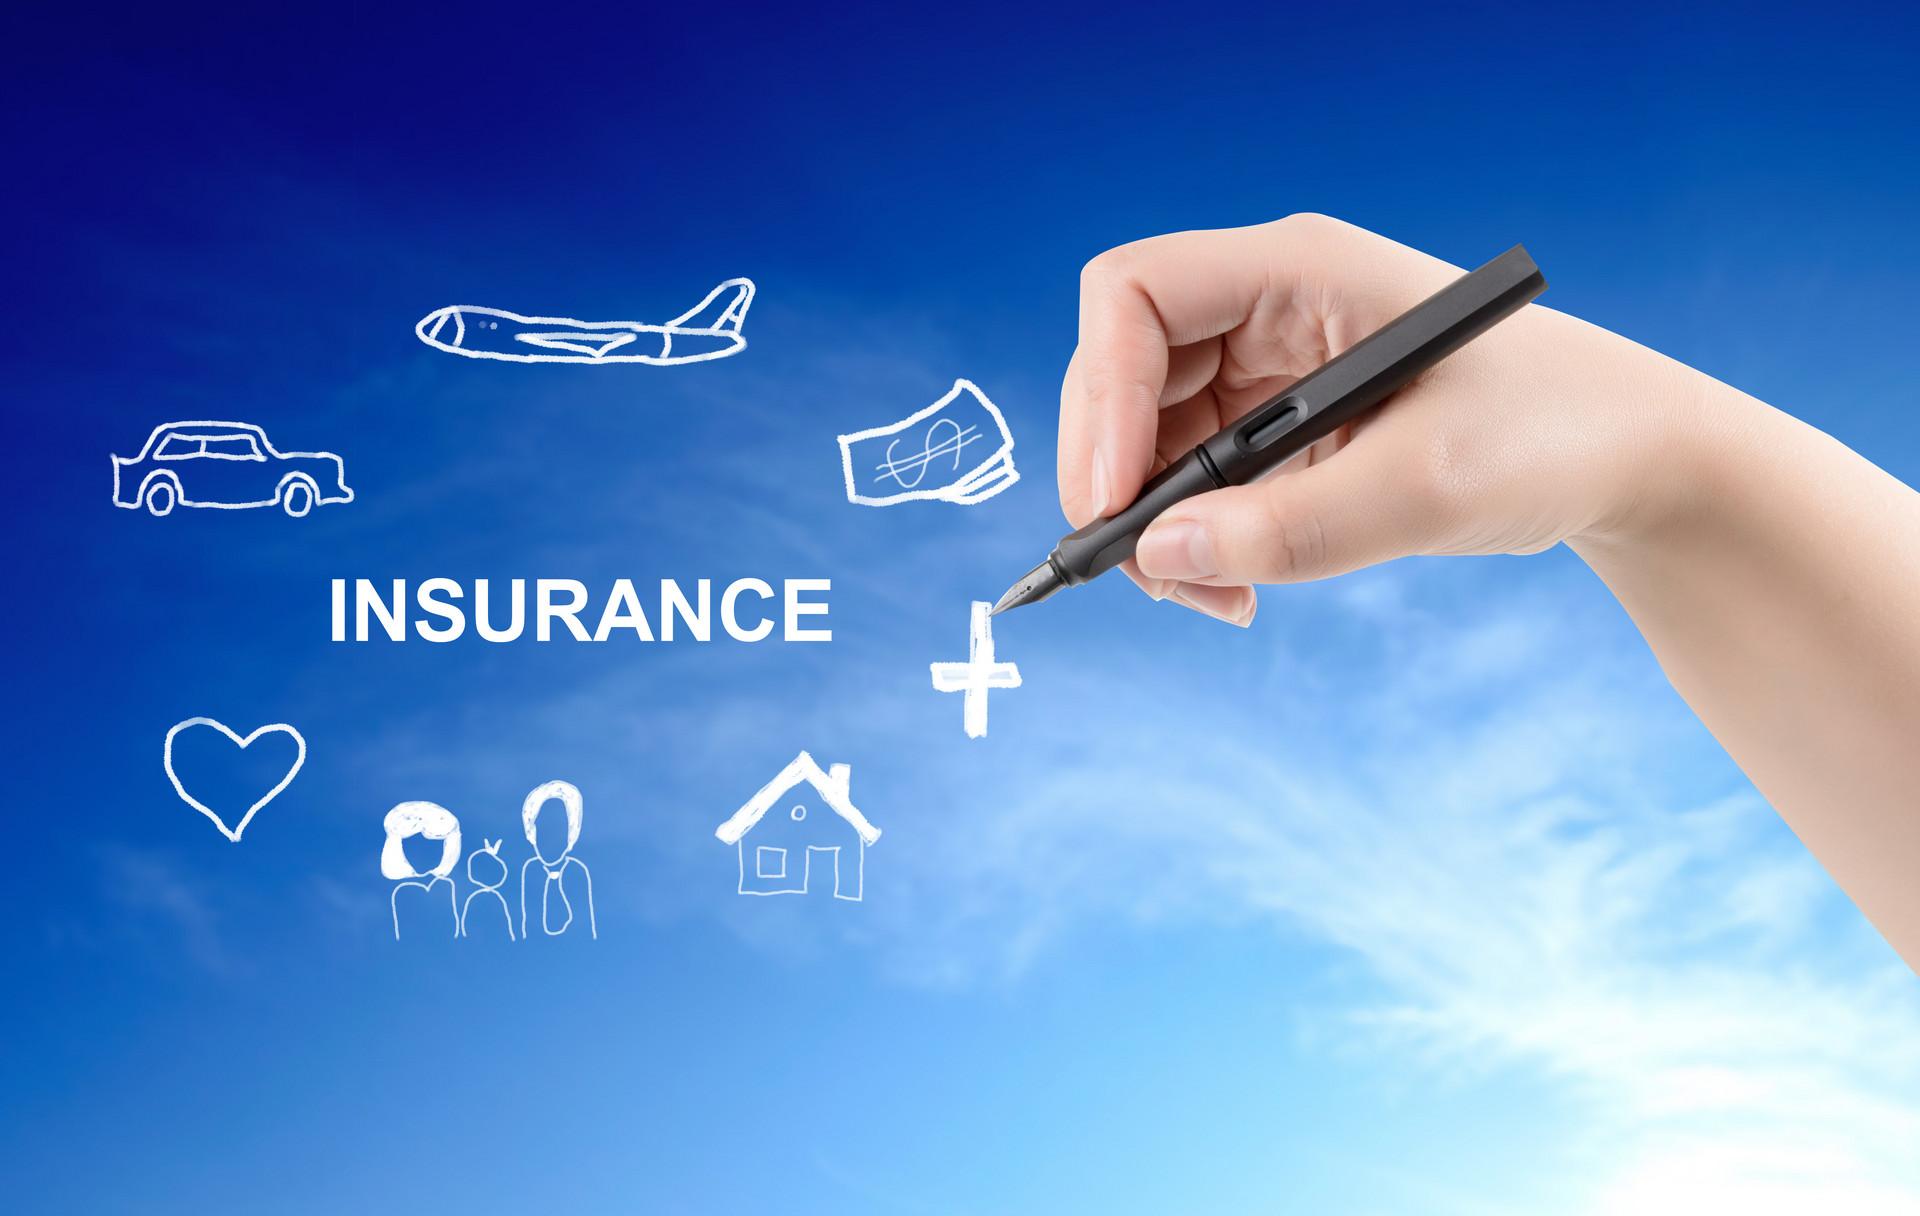 意外保險怎么辦理?報銷流程注意什么